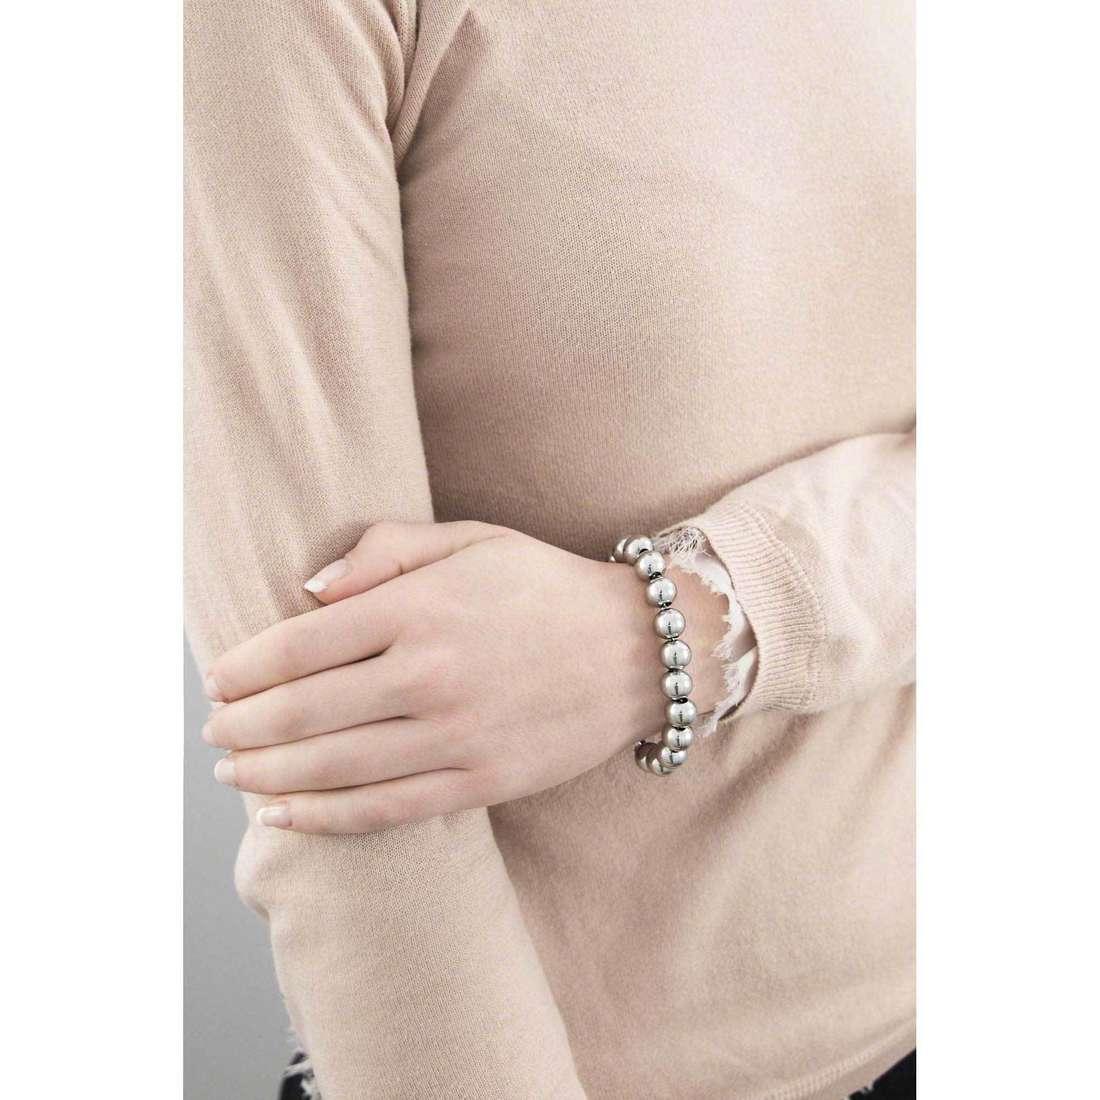 Nomination bracelets Symphony woman 026203/001 indosso